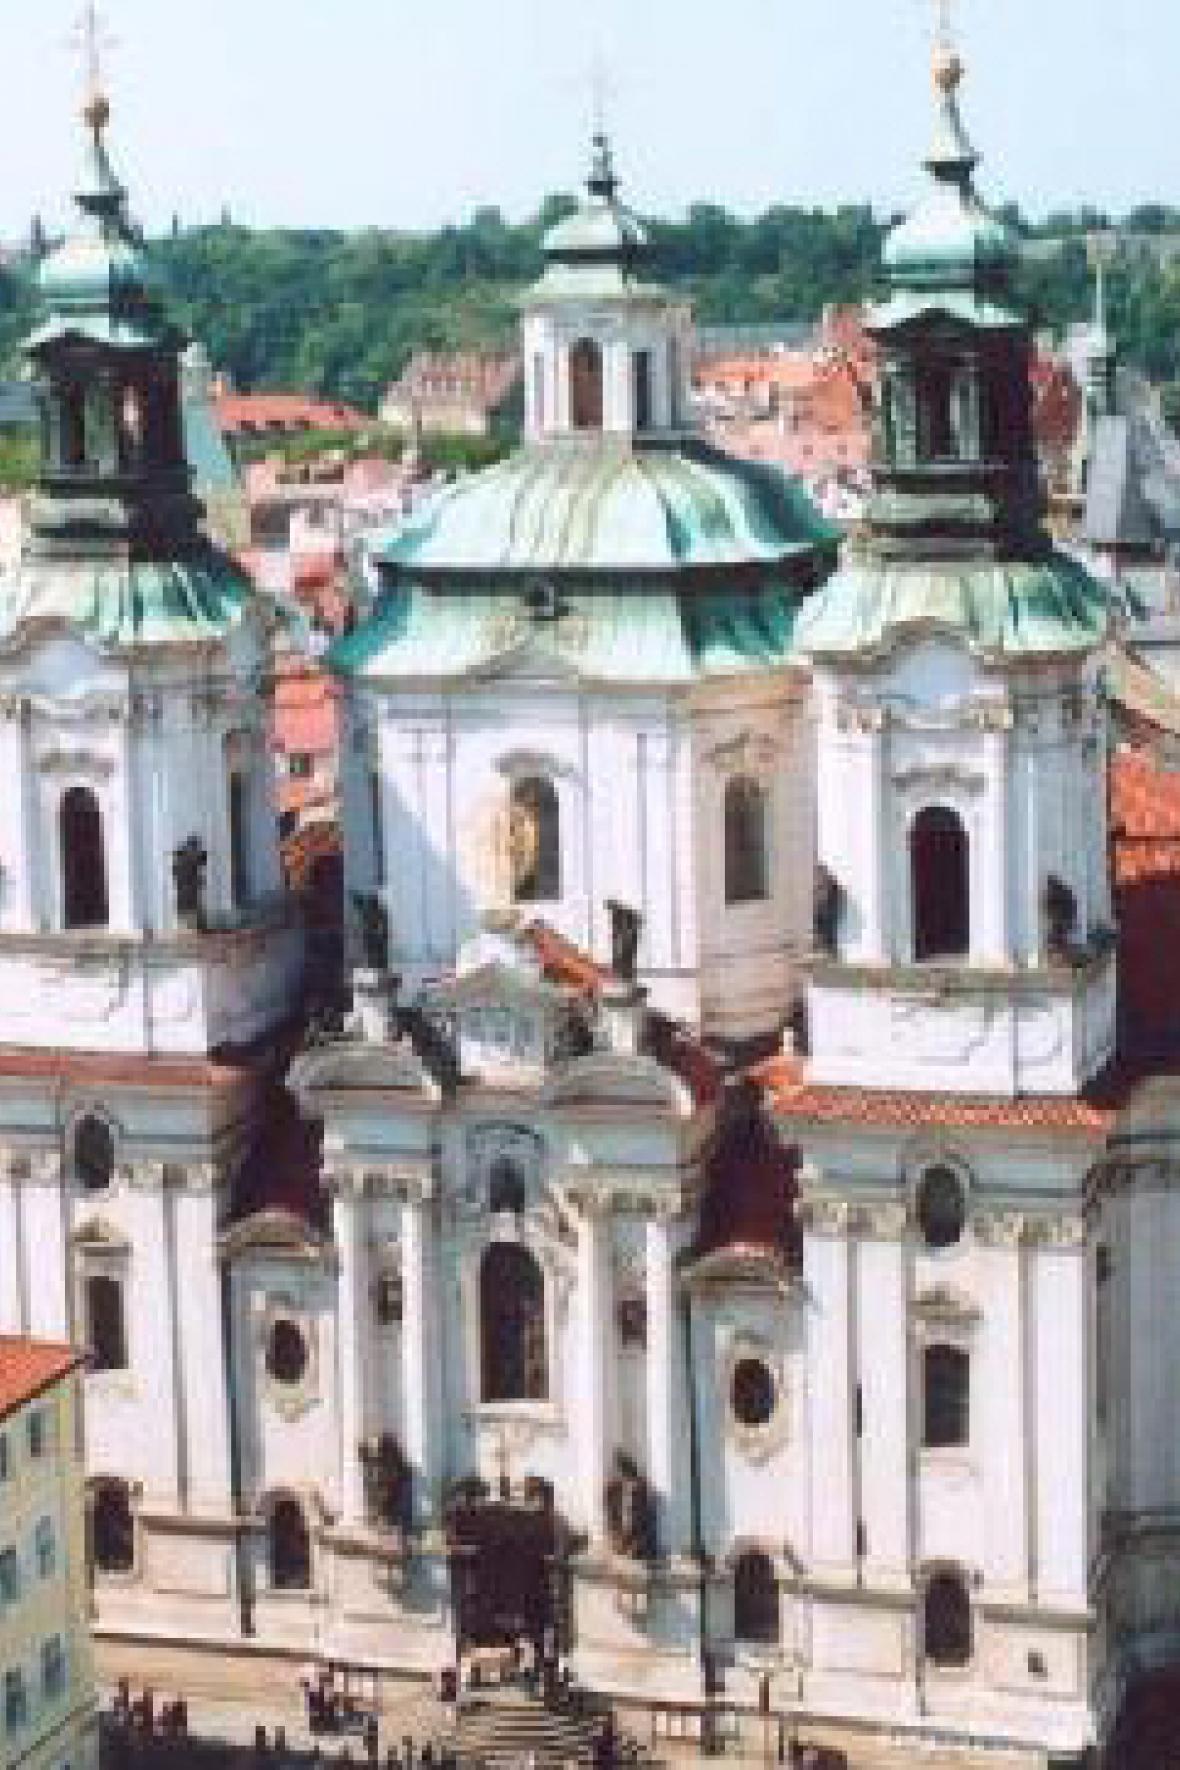 Chrám sv. Mikuláše v Praze